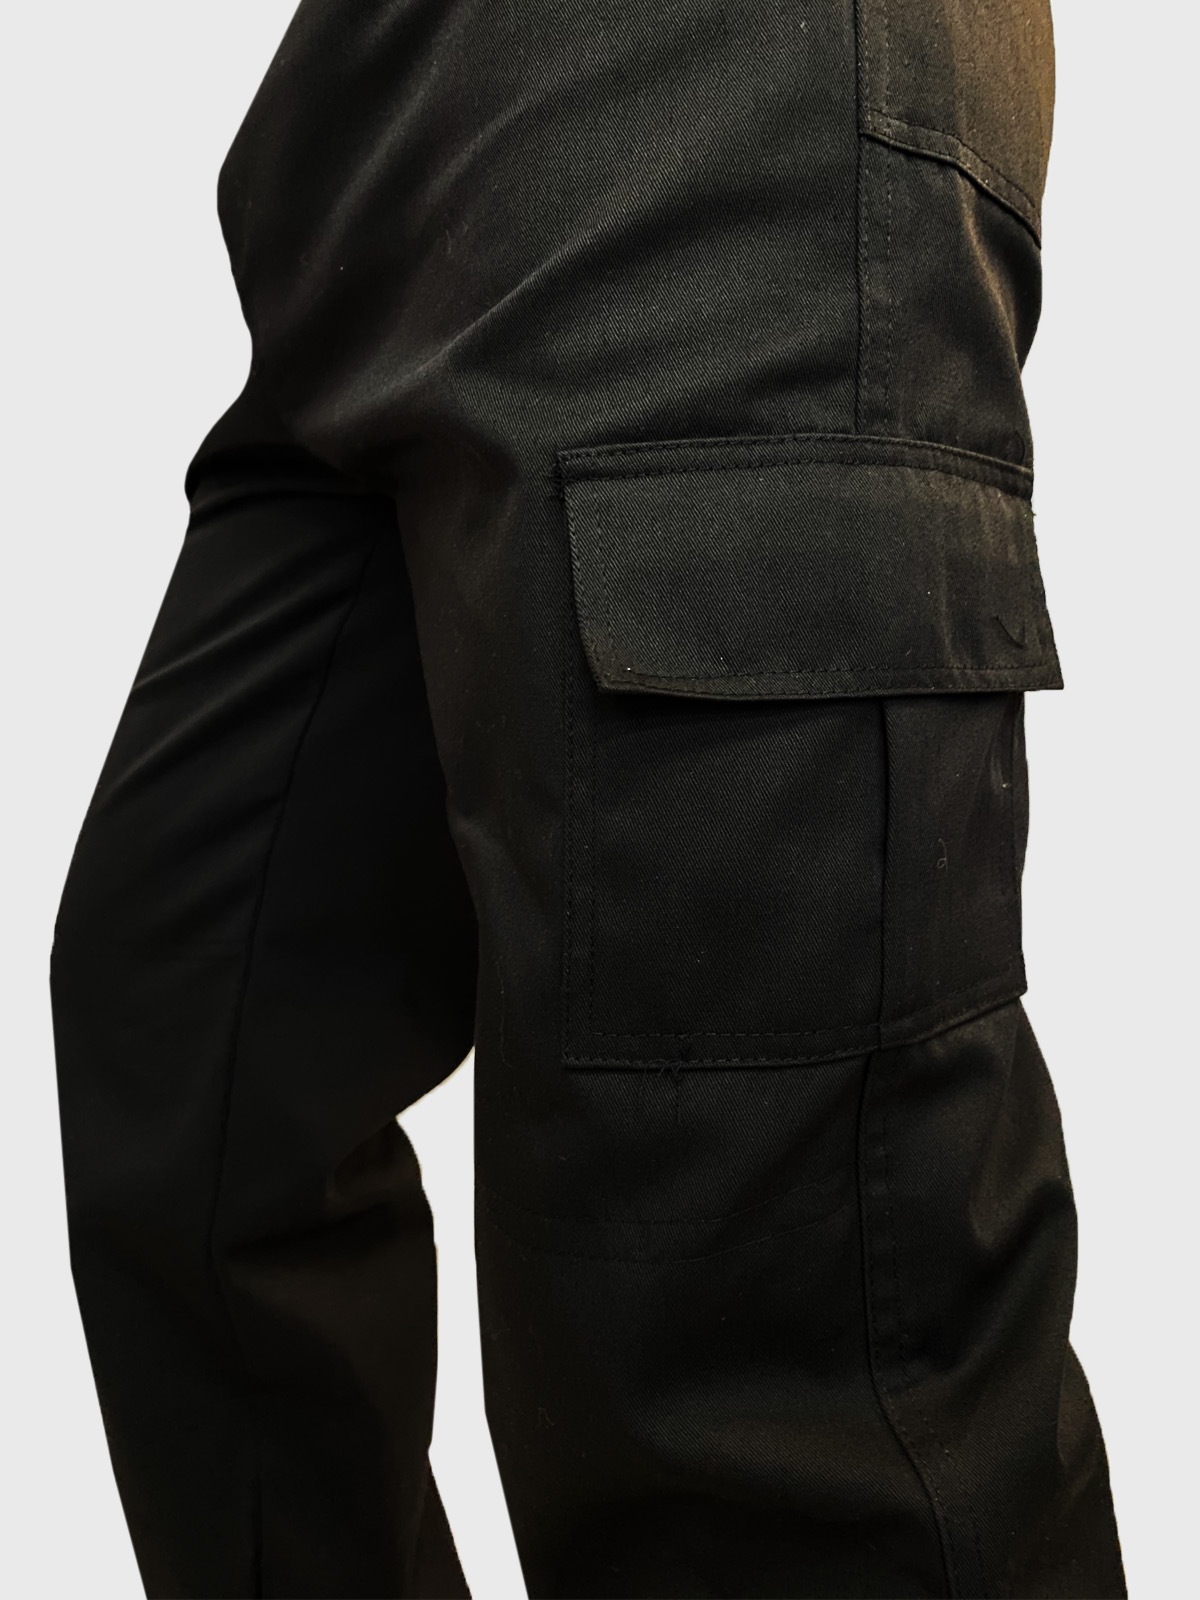 Милитари штаны для повседневной носки